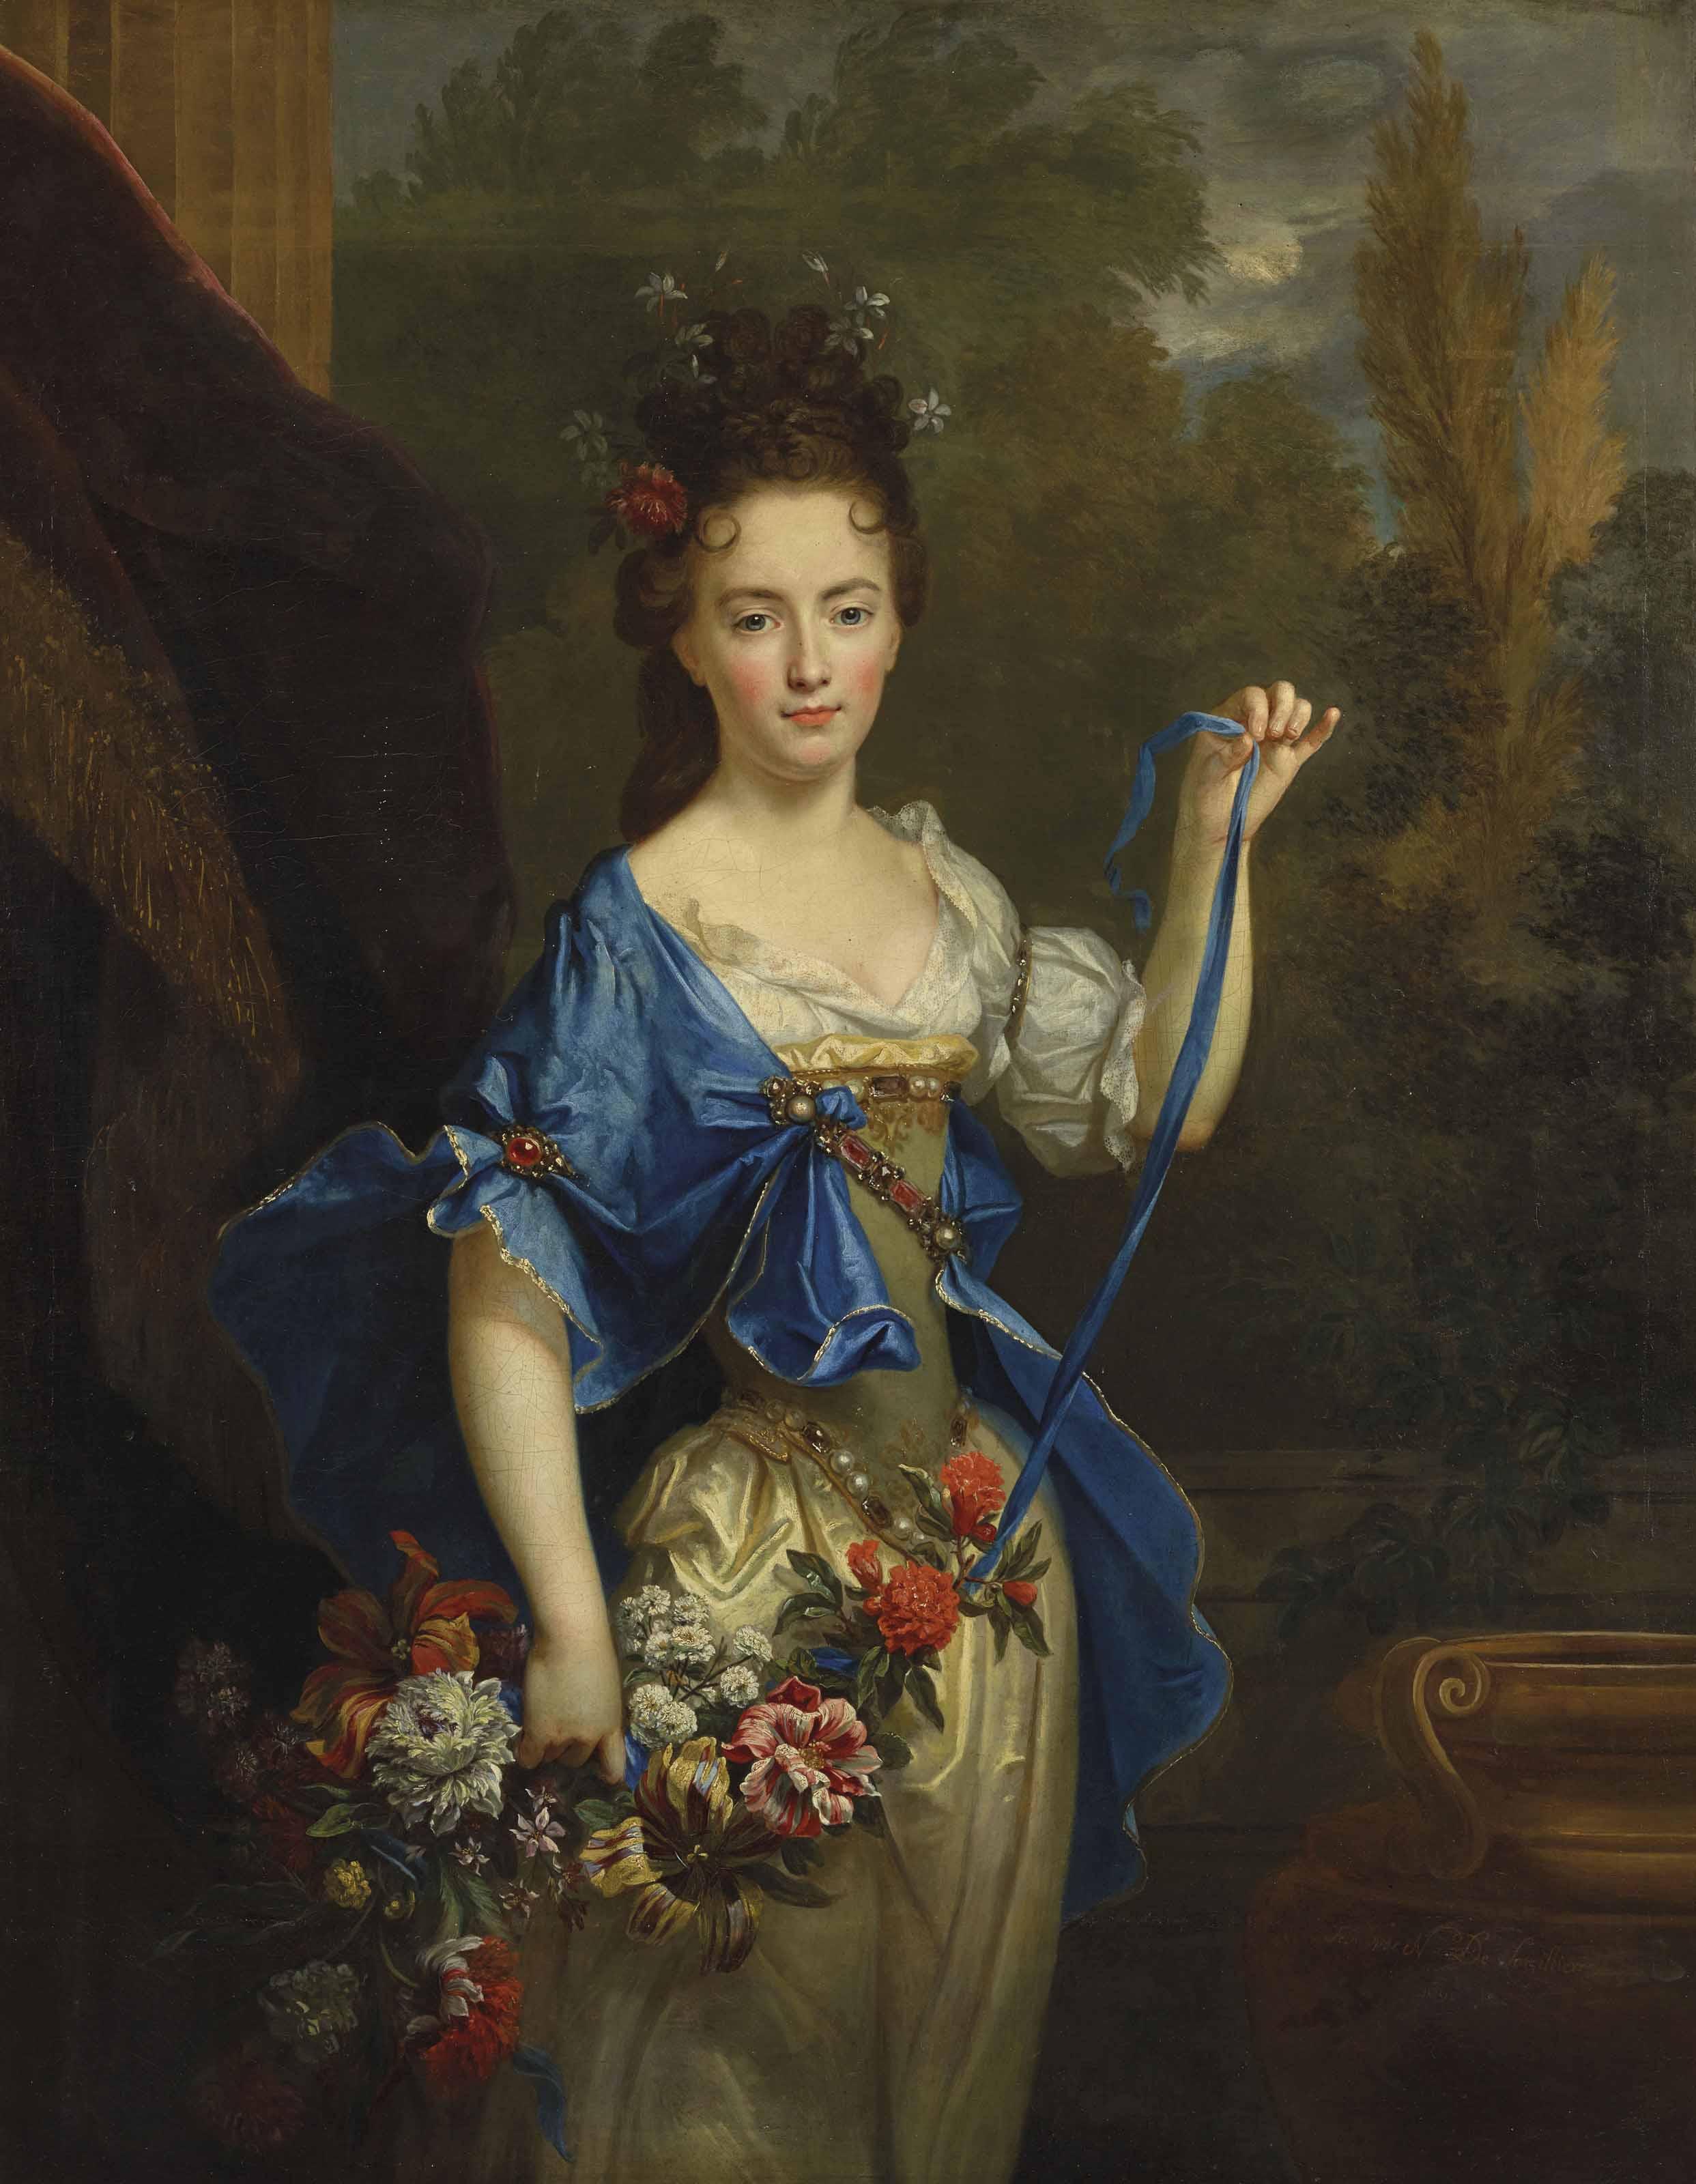 Portrait présumé de Madame de Harlay, tenant une guirlande de fleurs